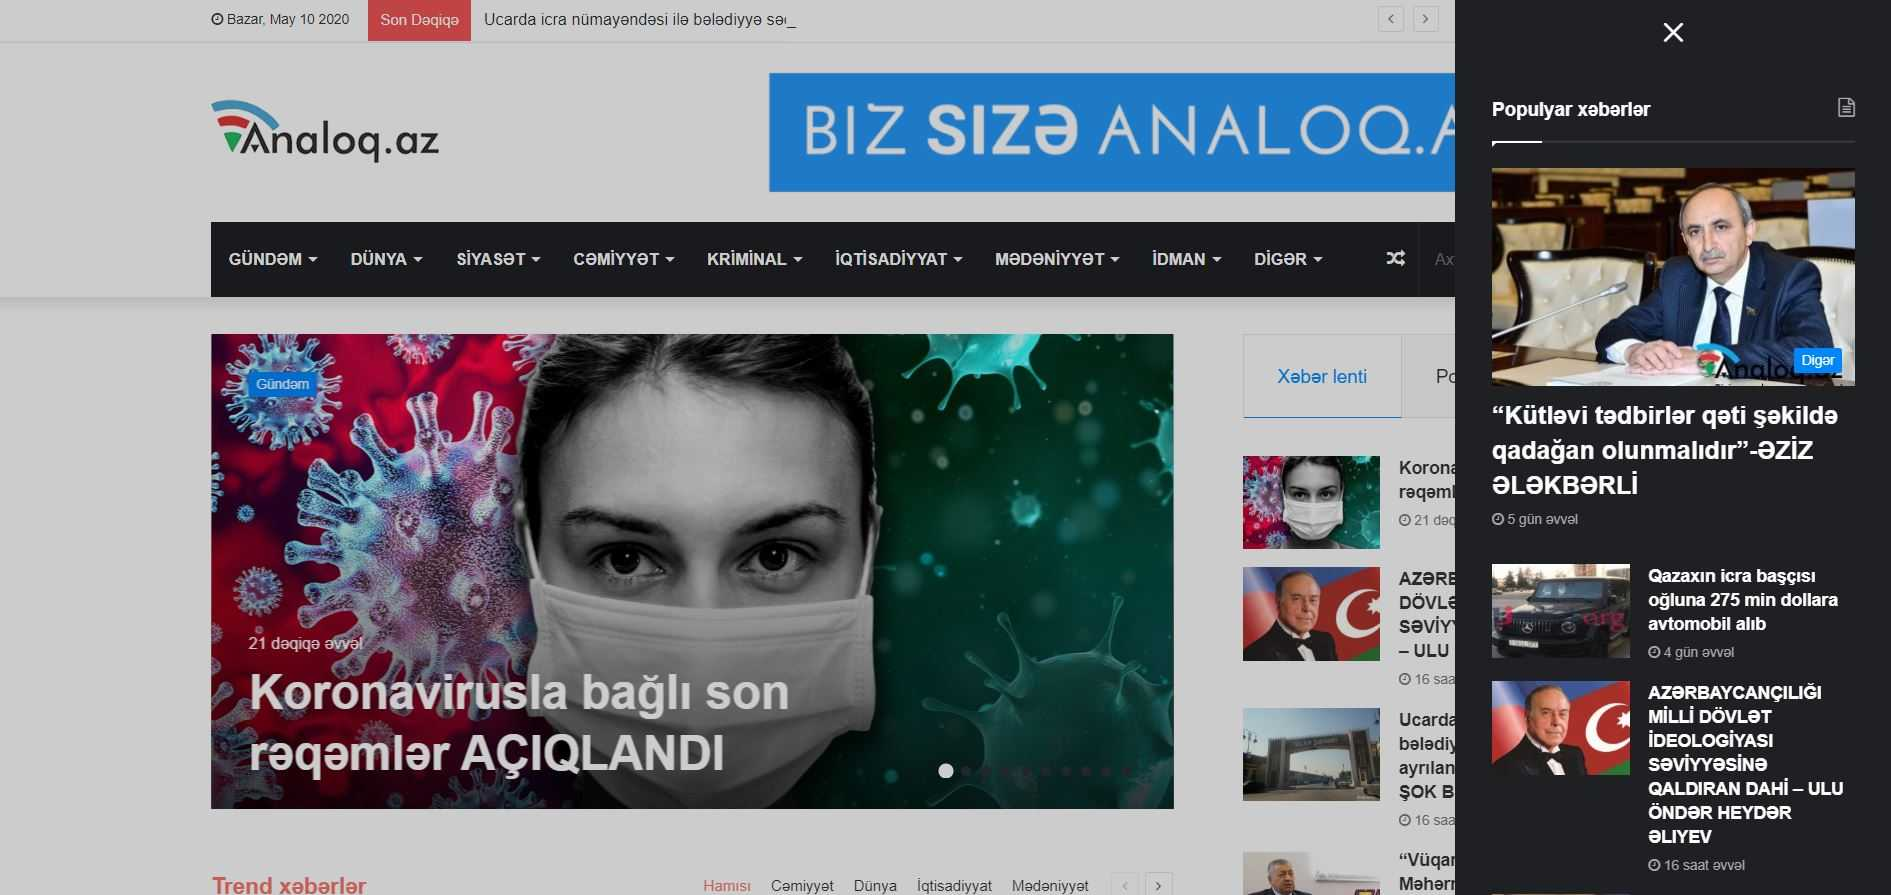 Analoq.az